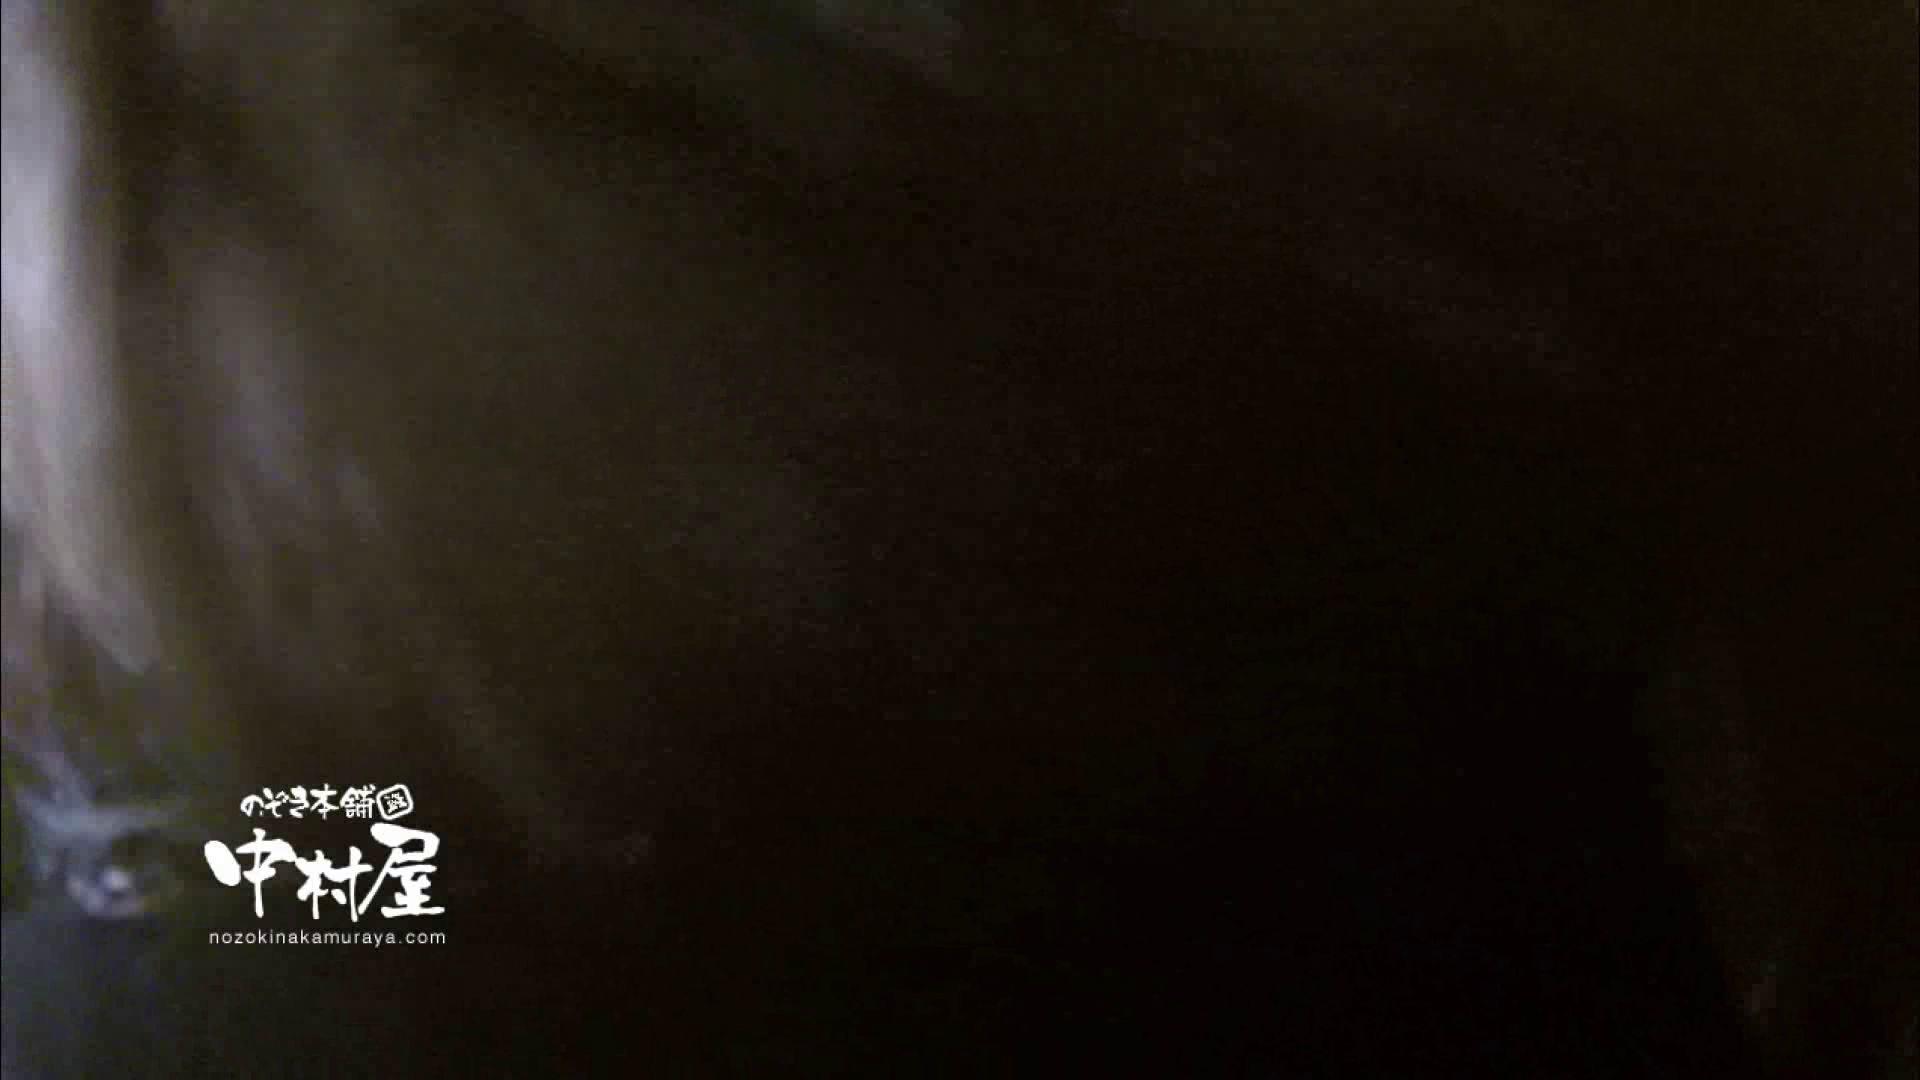 鬼畜 vol.11 下の口は正直なオンナ 後編 OLセックス  79画像 60